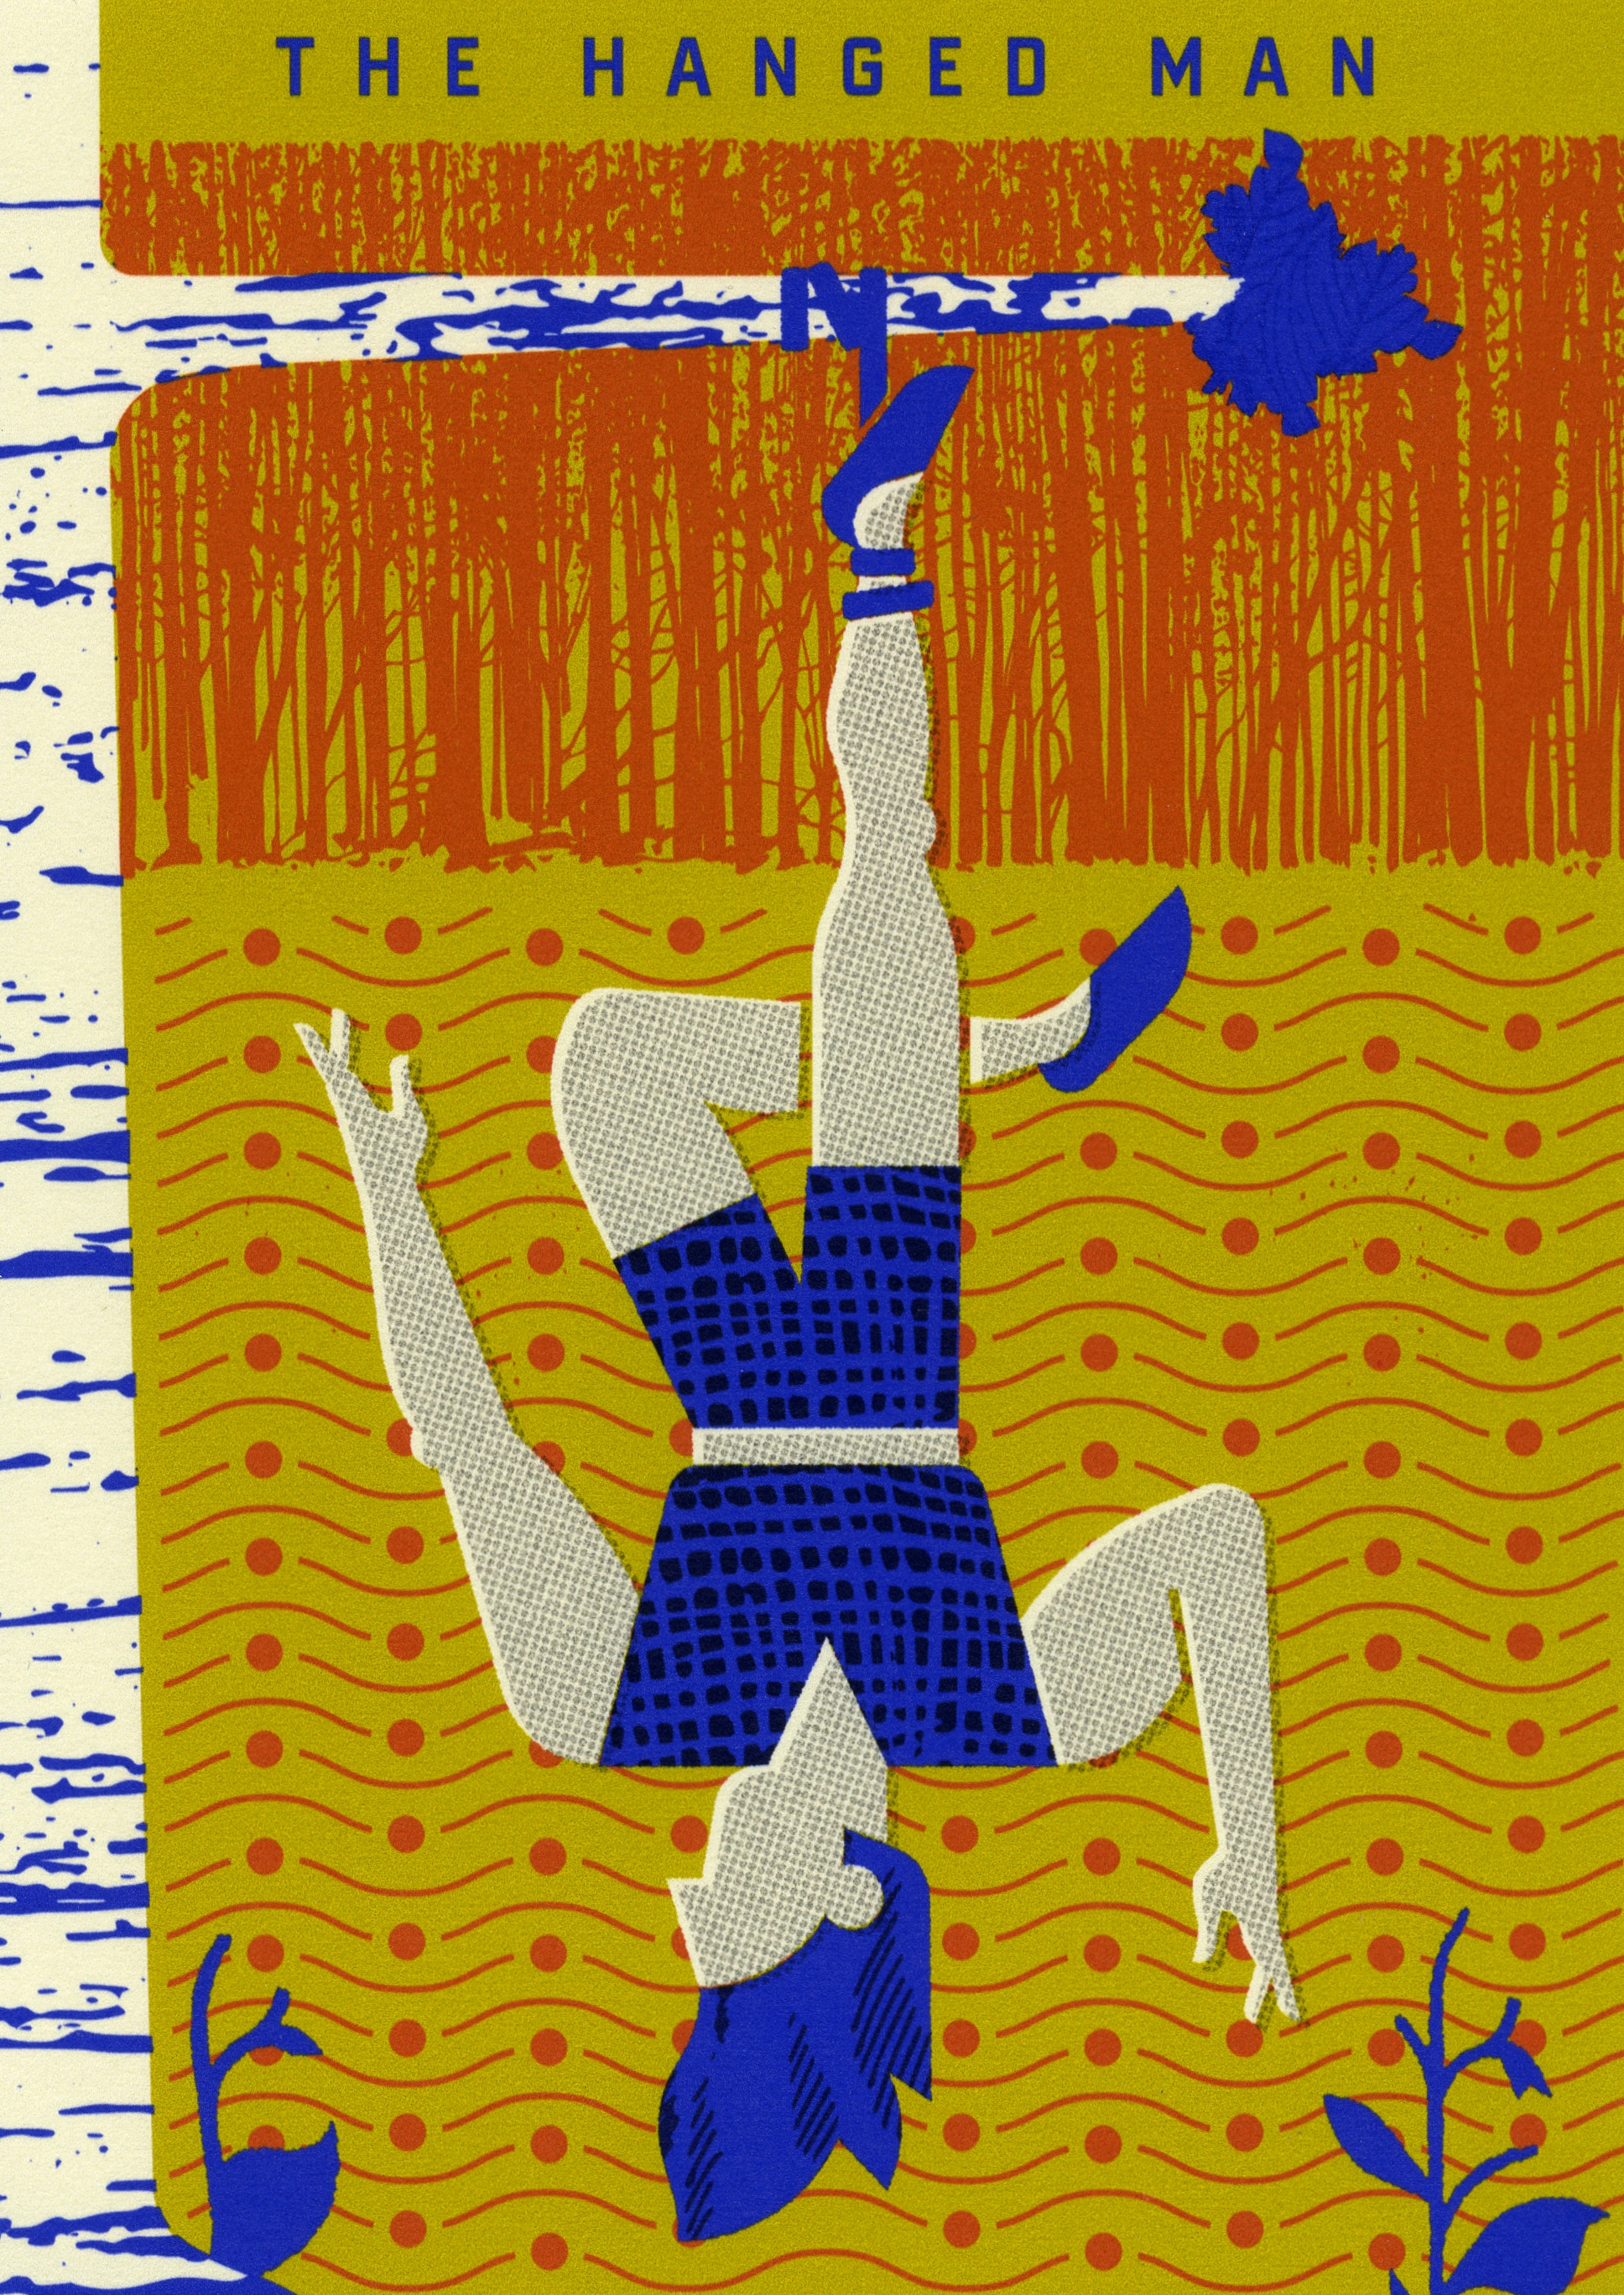 Nate Koehler - The Hanged Man